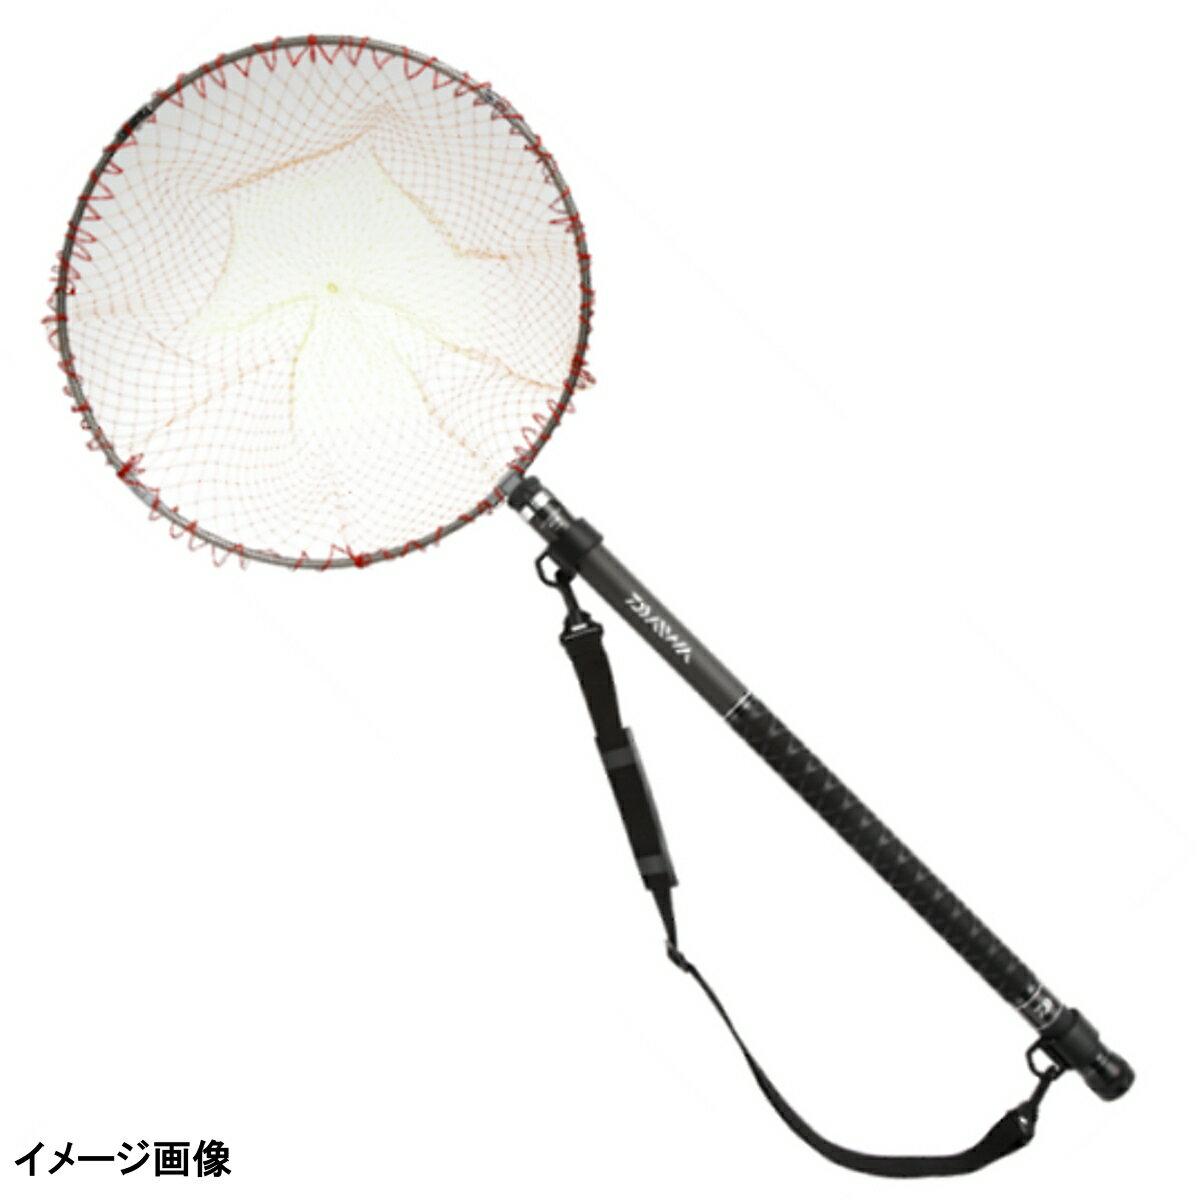 ダイワ ランディングポールII 磯玉網 枠45cm-柄5m(東日本店)